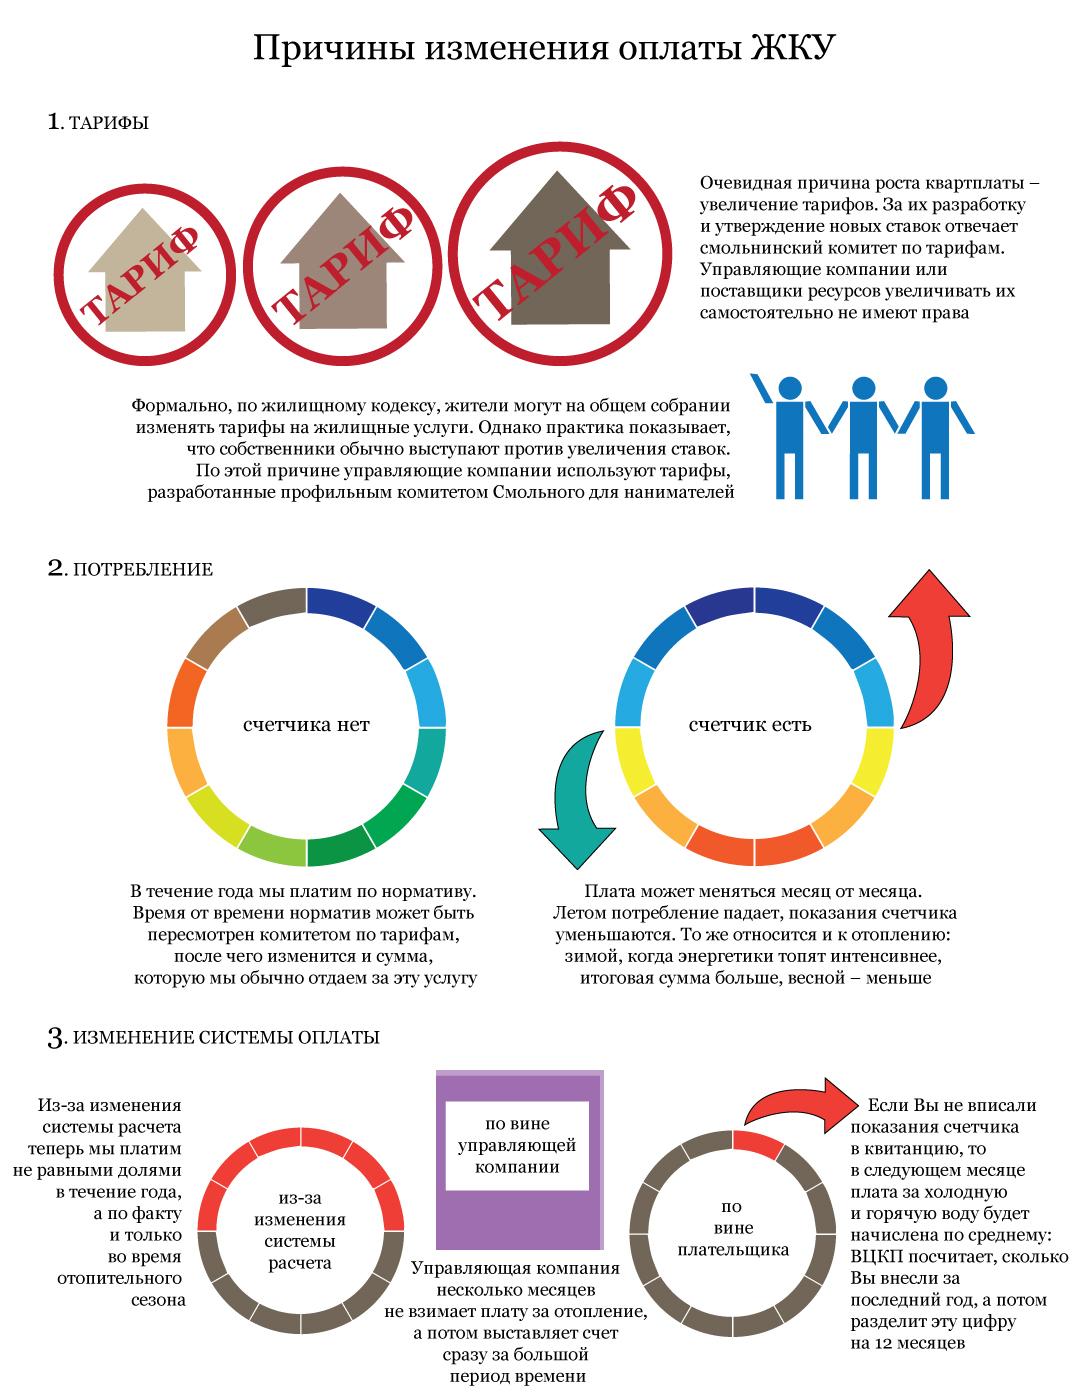 Повышение квартплаты: причины (Иллюстрация 1 из 1)